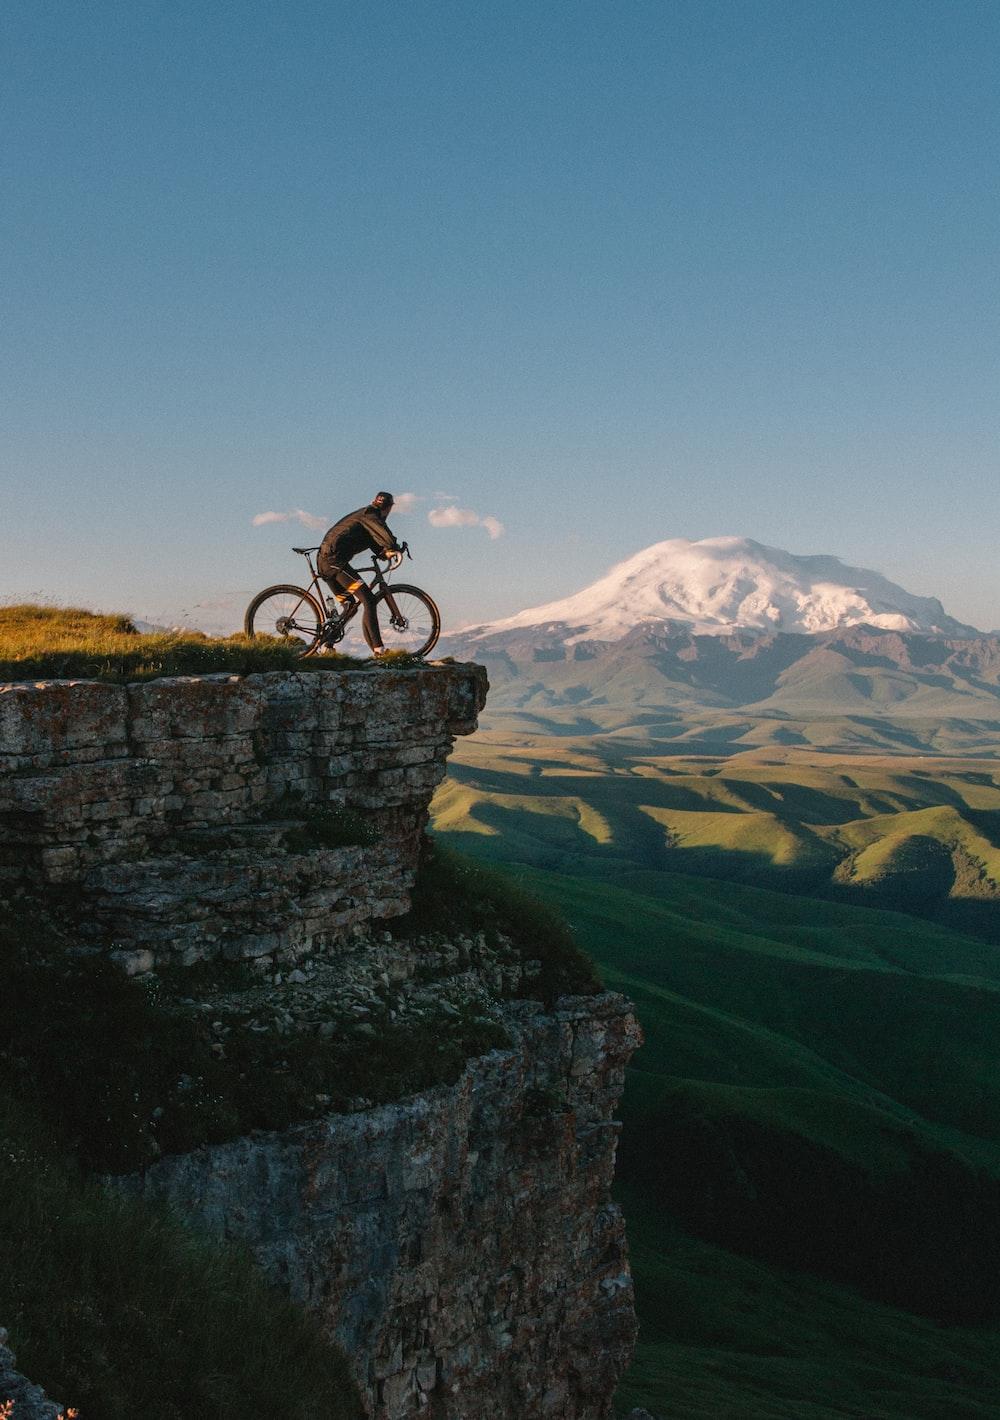 man riding bike on cliff at daytime